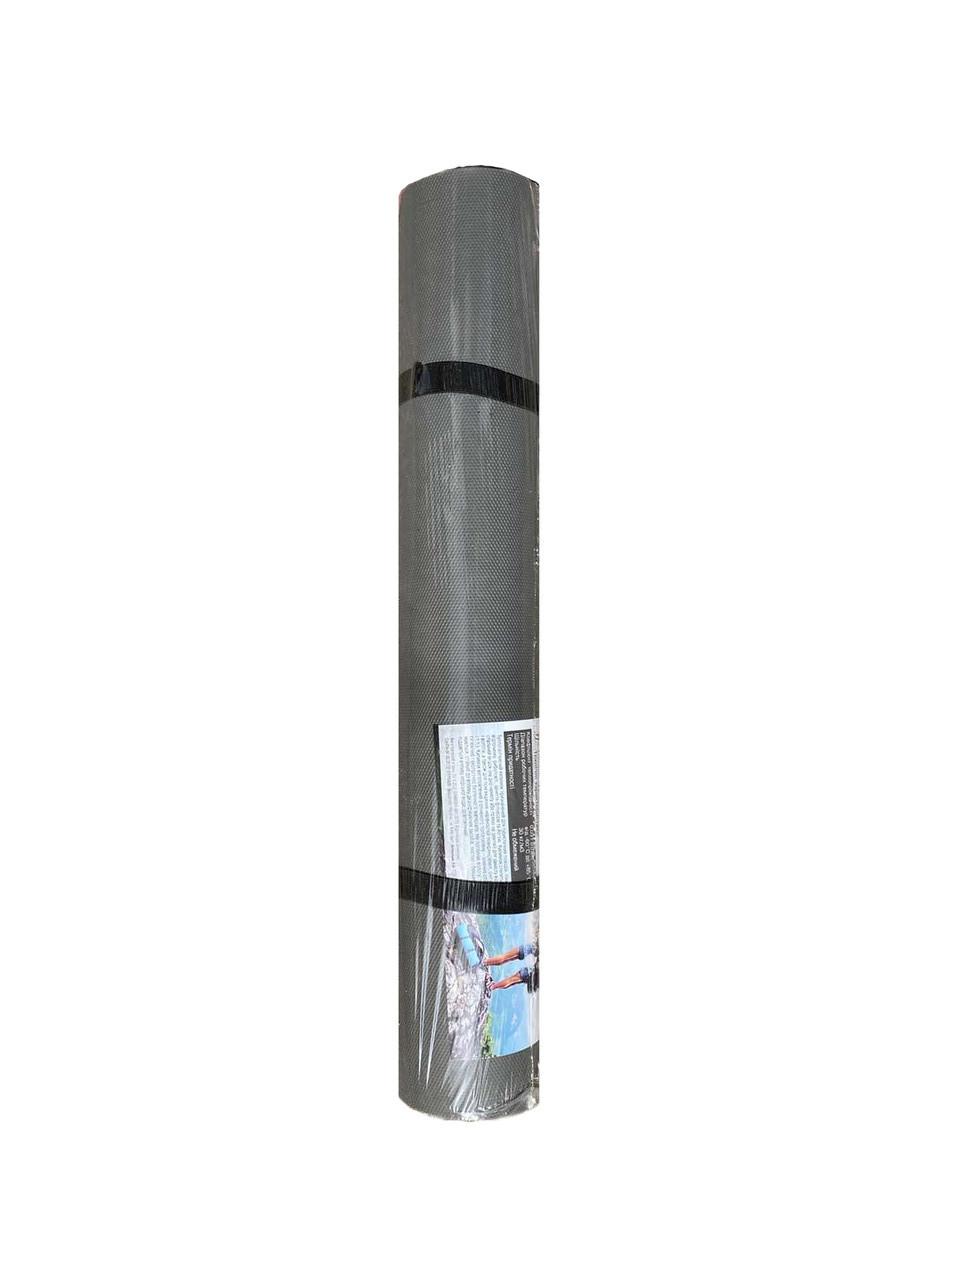 Килимок для фітнесу і йоги сірий, т. 3 мм, 60х180 см, EVA, 130 кг/м3, виробник Україна, TERMOIZOL®